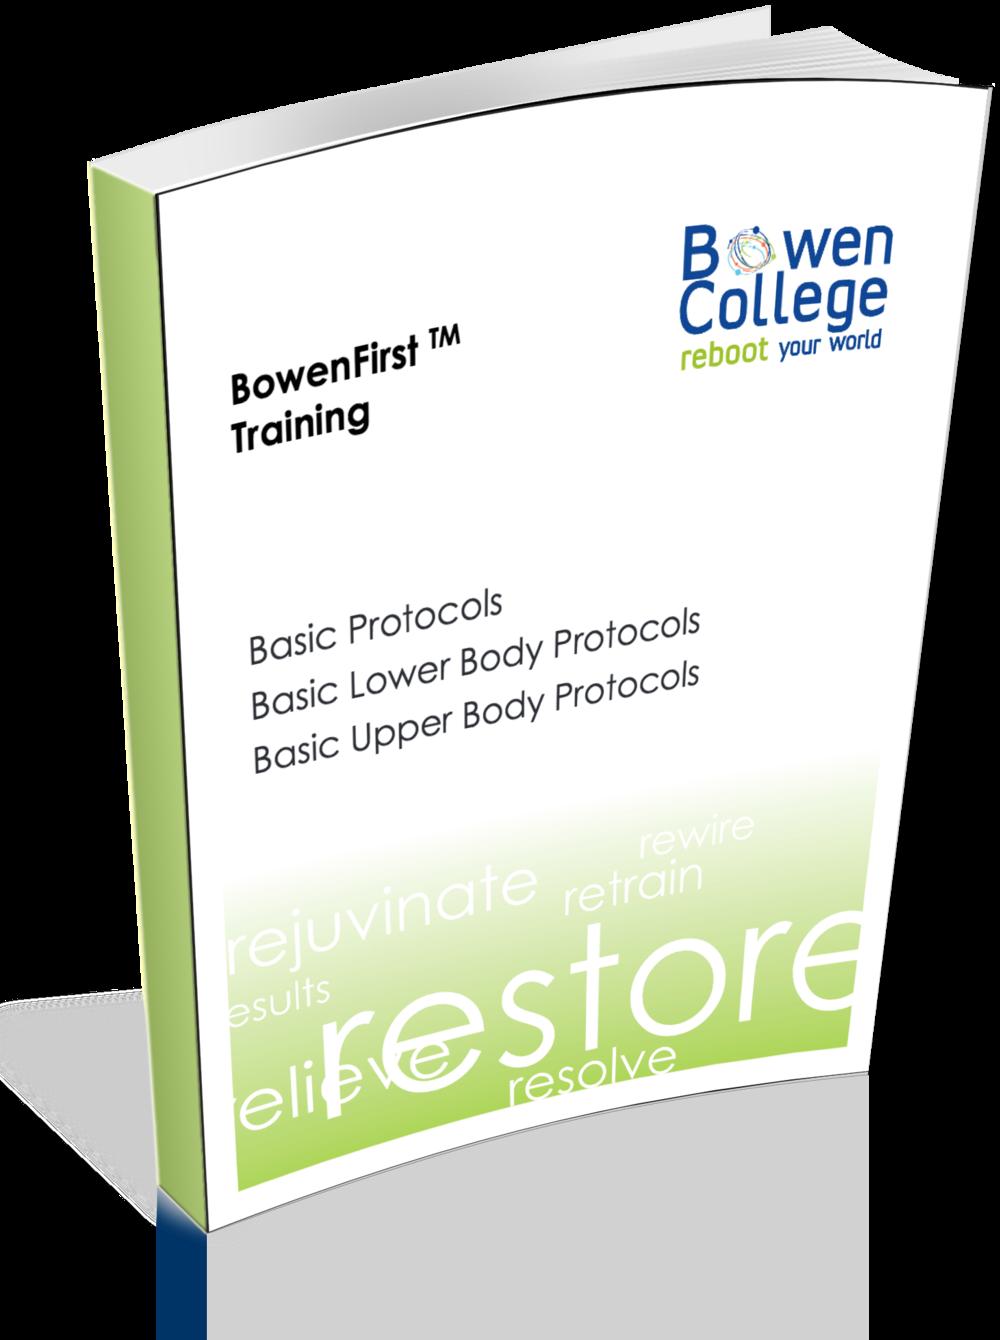 bowenfirst™ manual.png